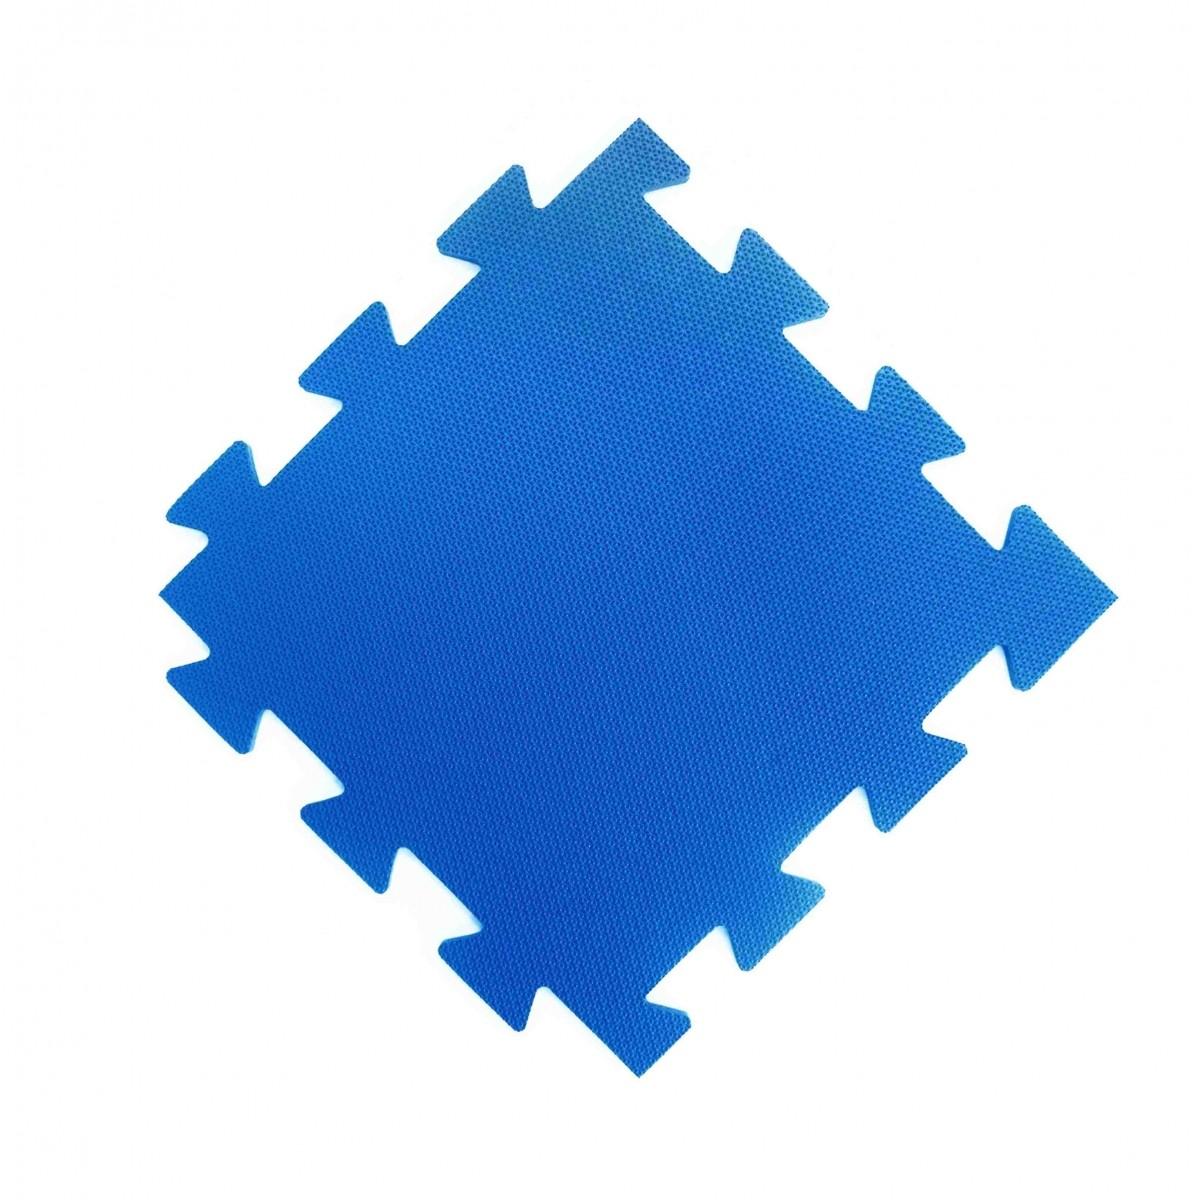 Tatames 50x50cm Com 10mm de Espessura  Azul Royal  -